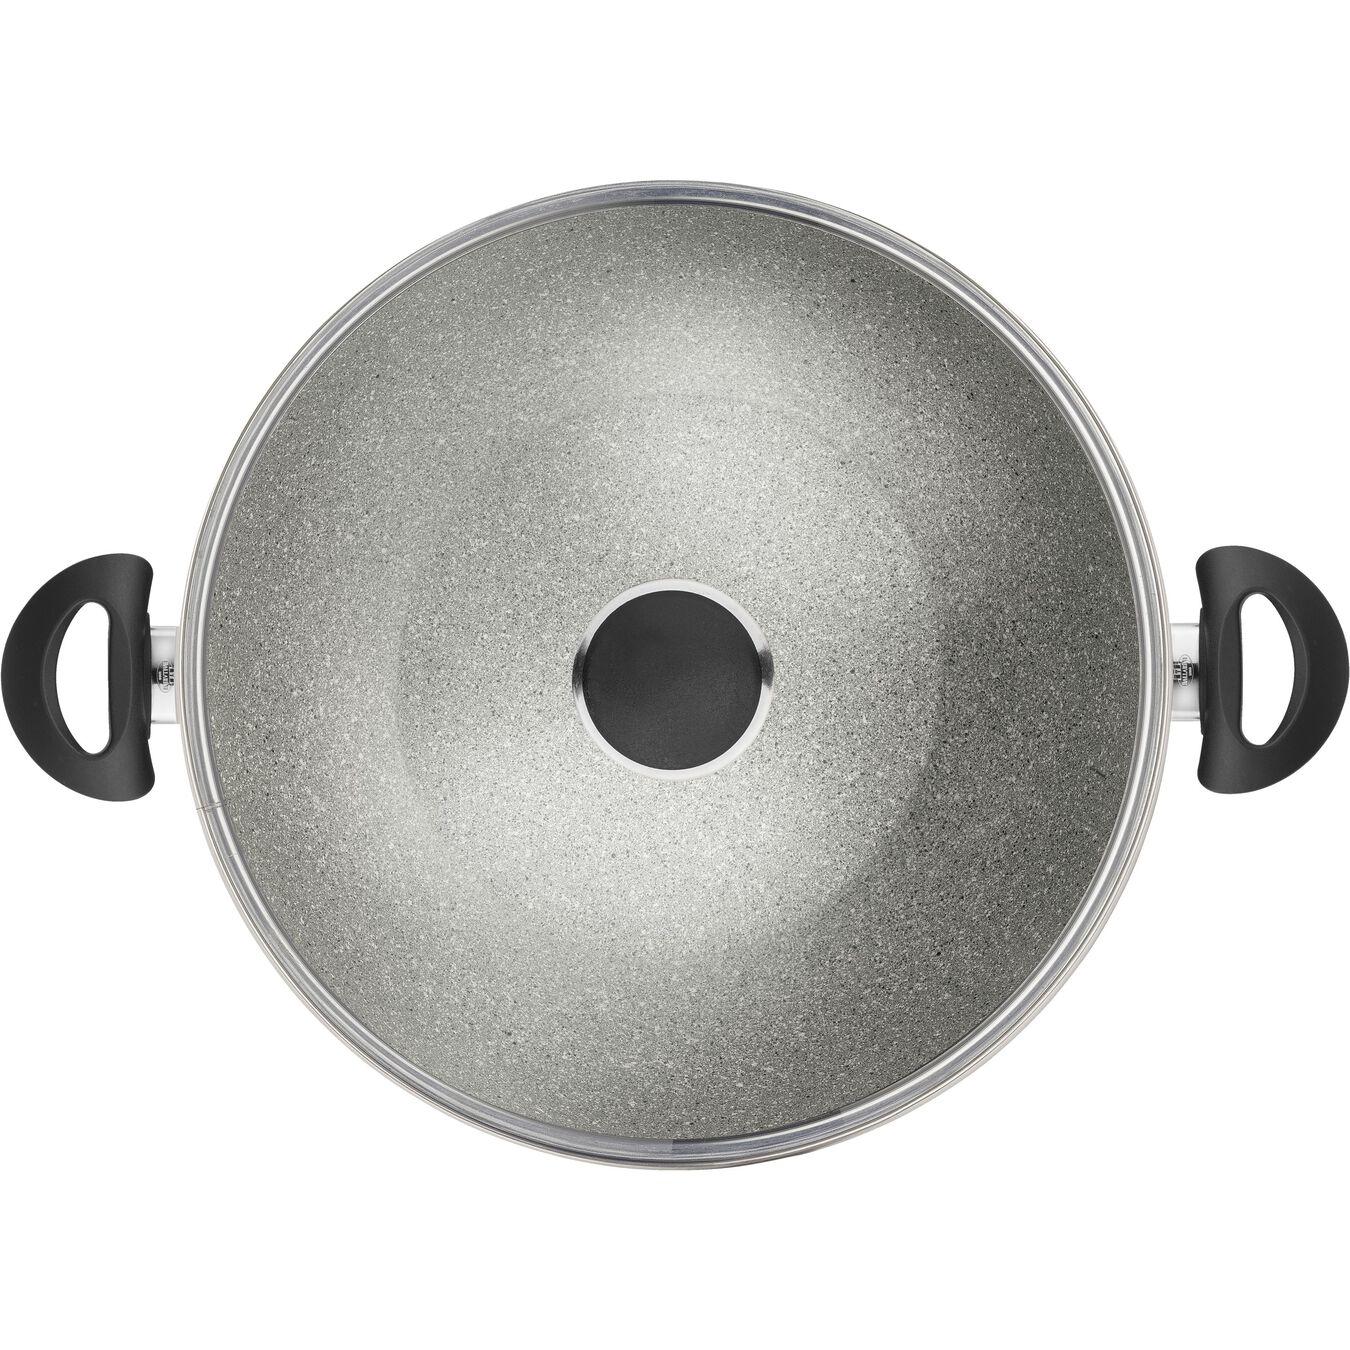 36 cm / 14 inch Aluminum Wok,,large 3